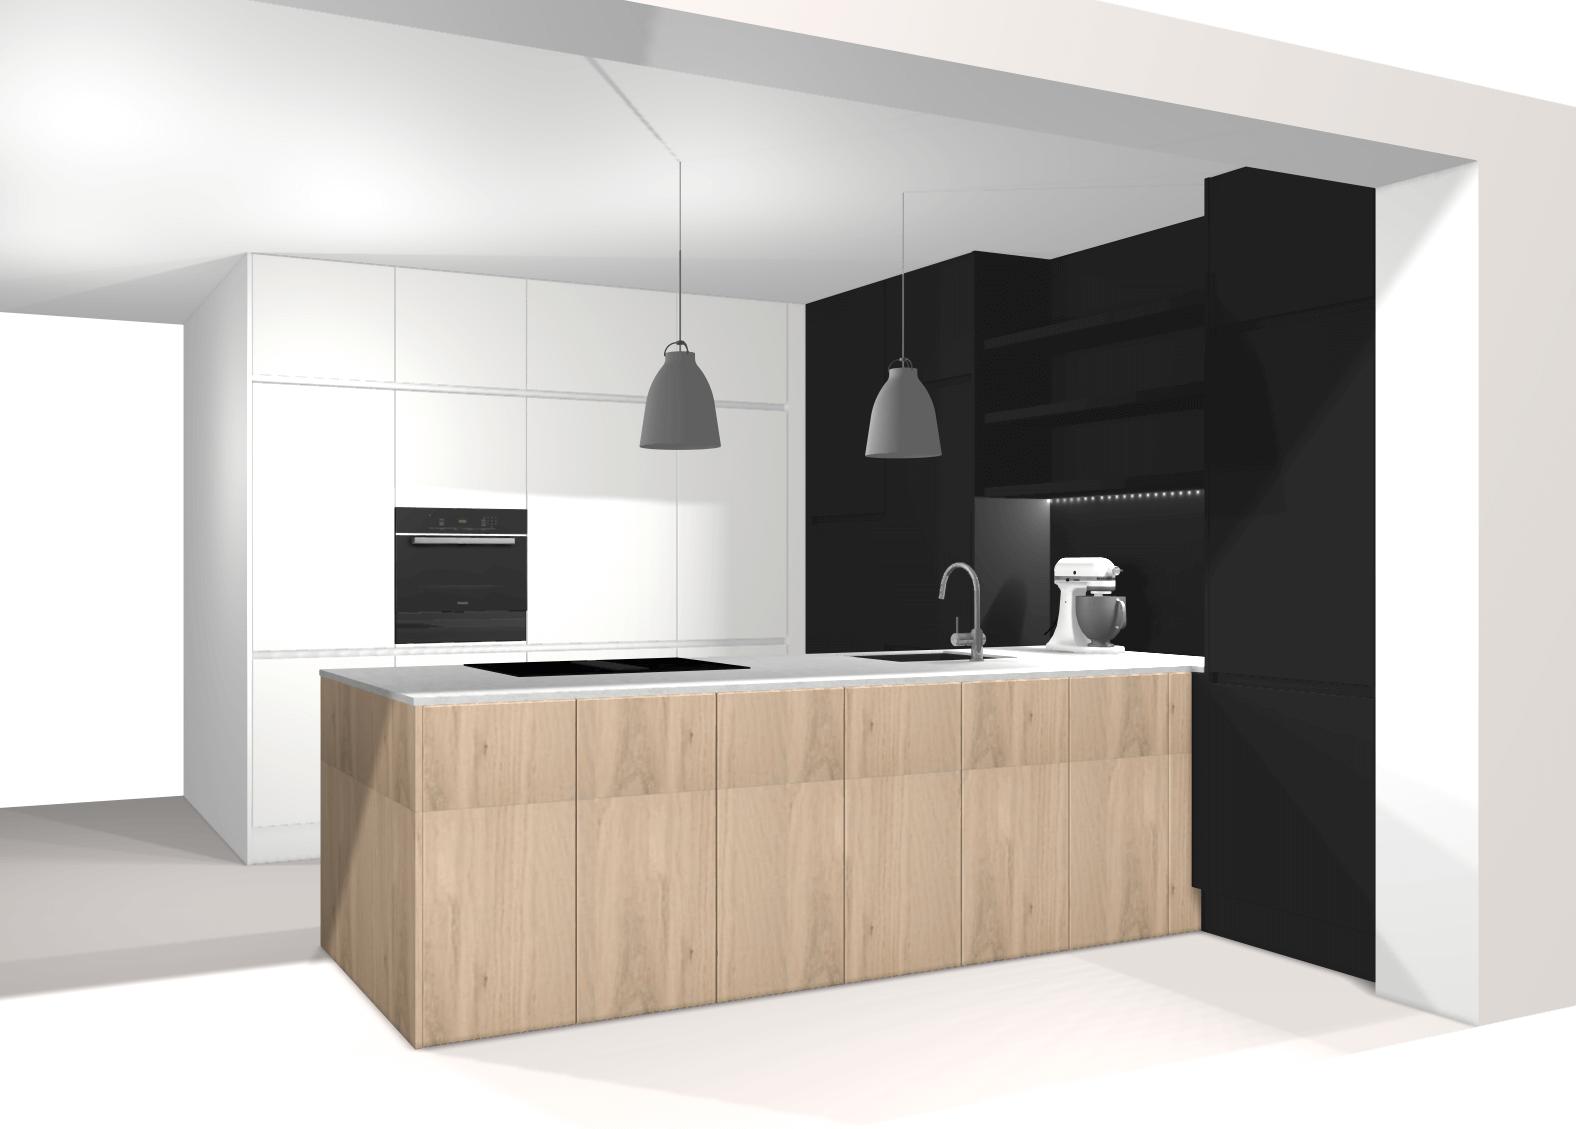 Tipps-für-die-Küchenplanung